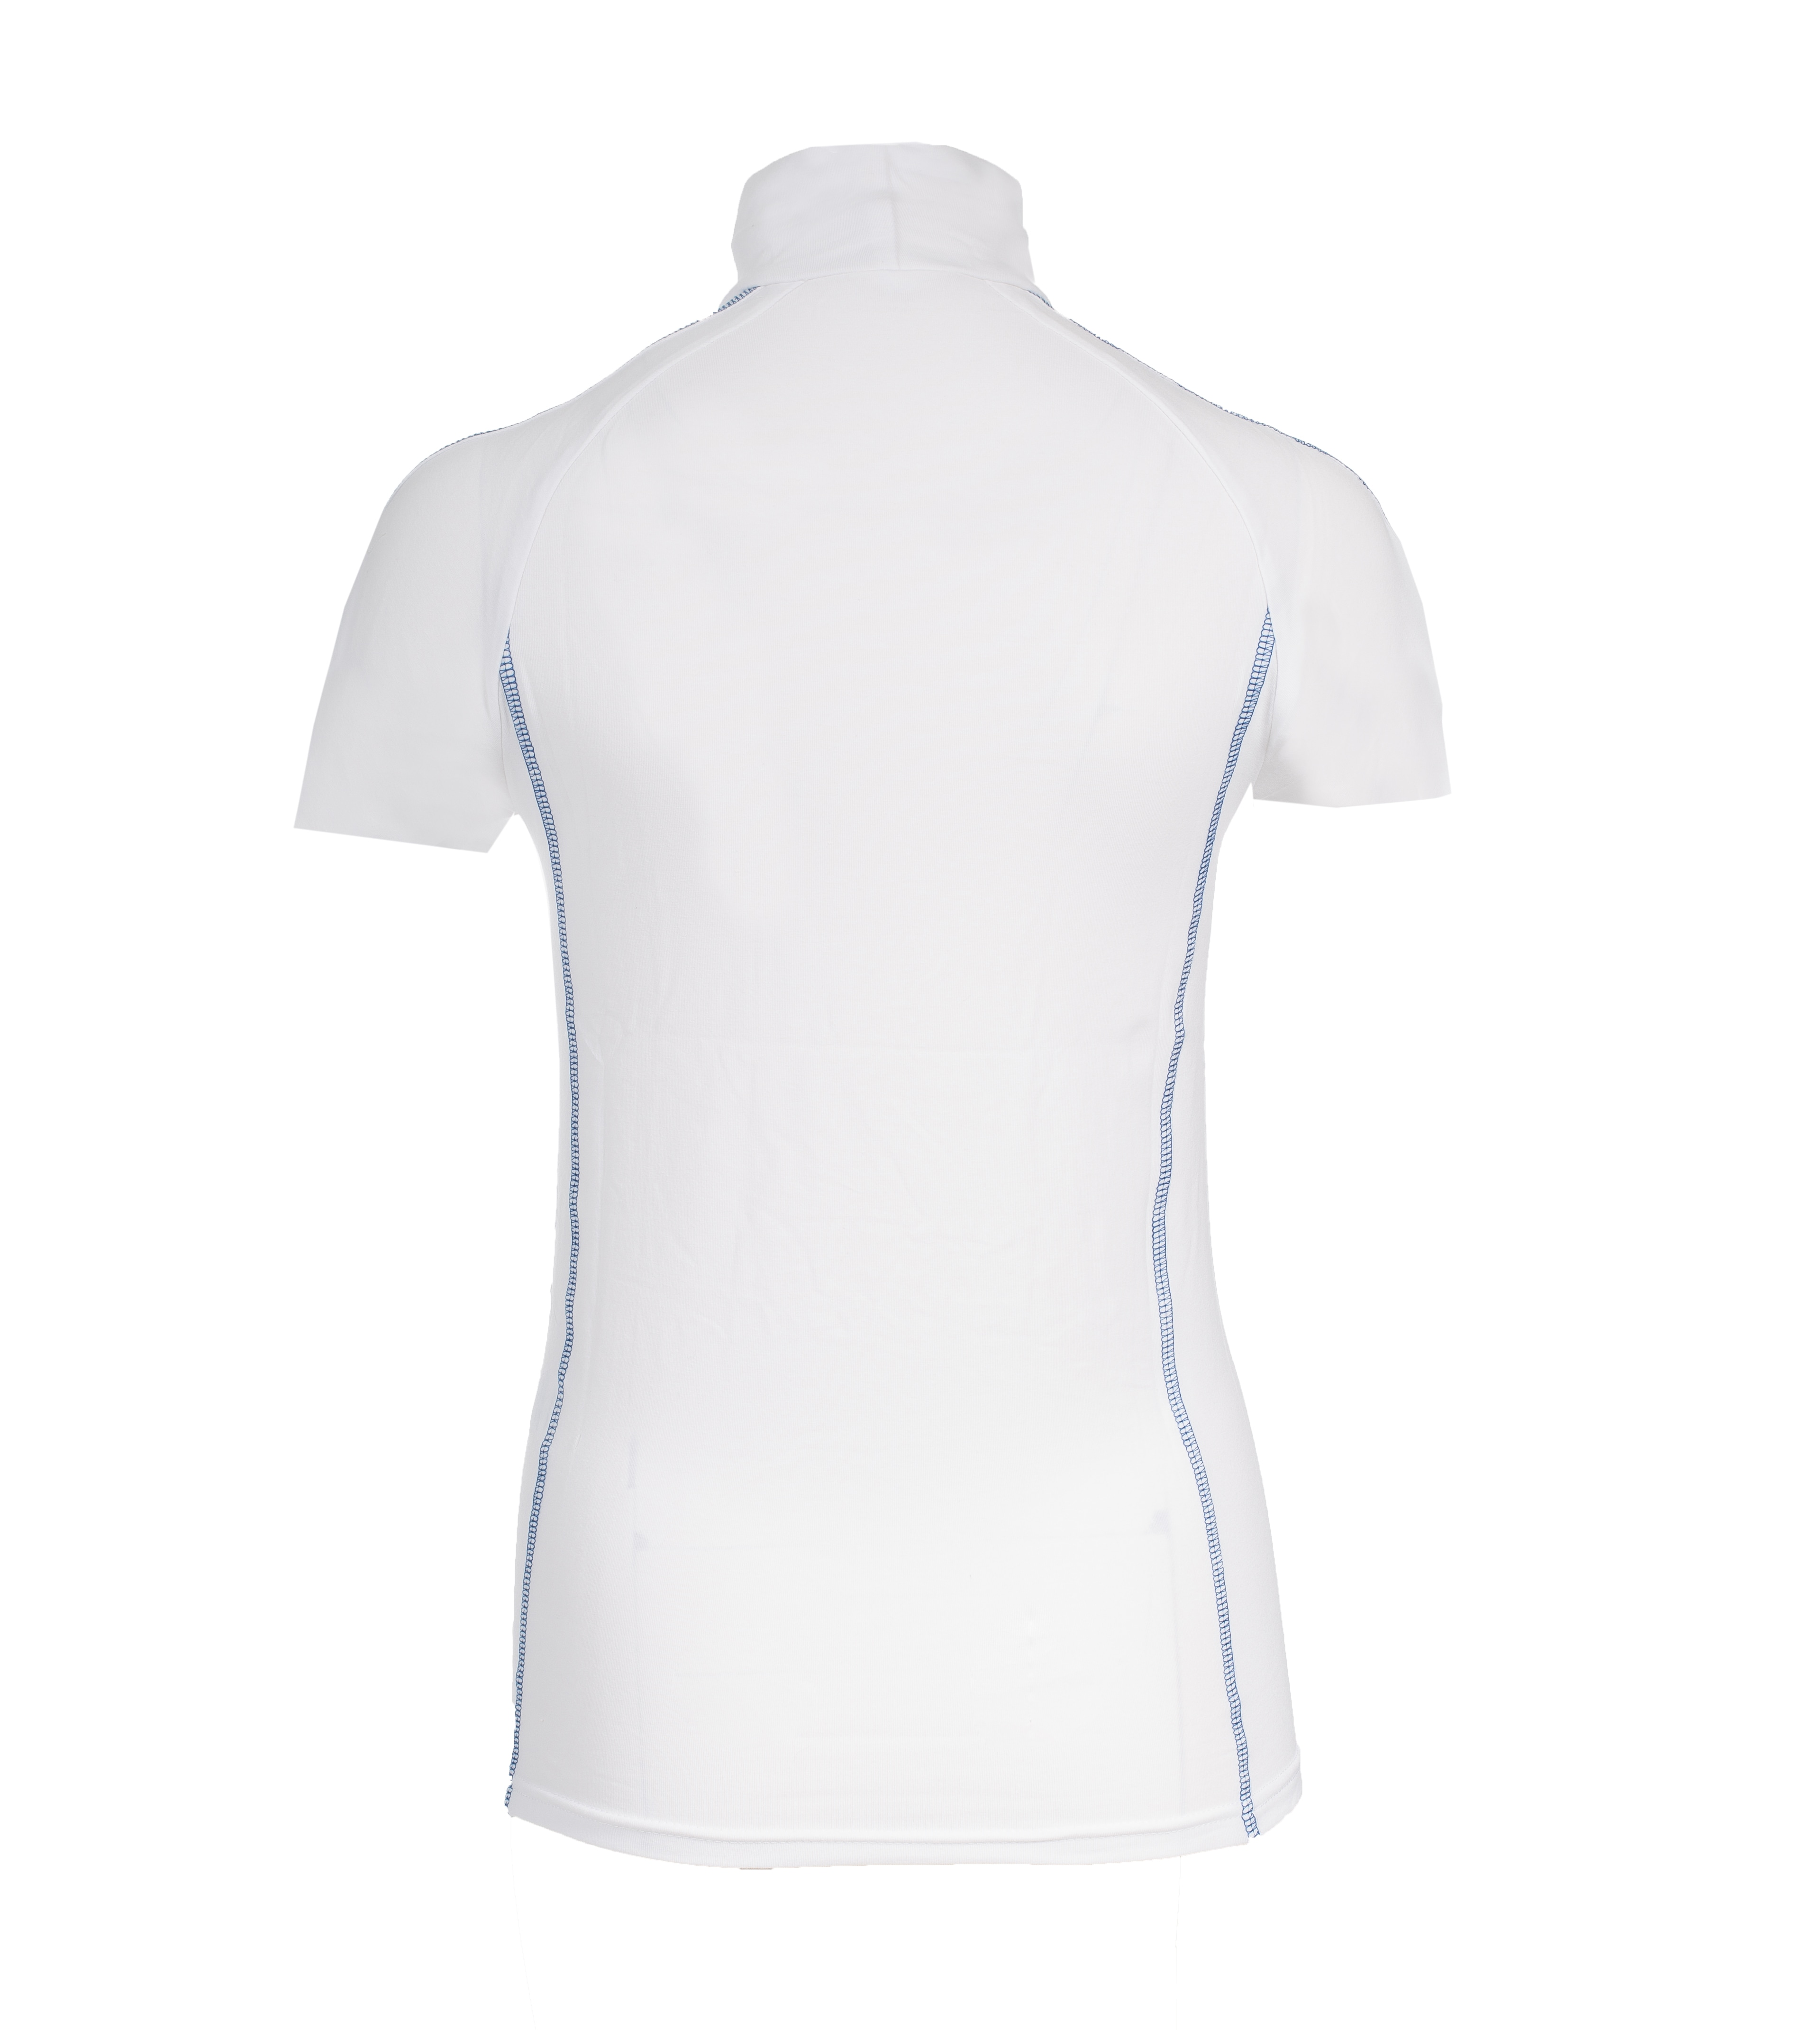 TKO - Lyhythihainen paita, puuvillaa